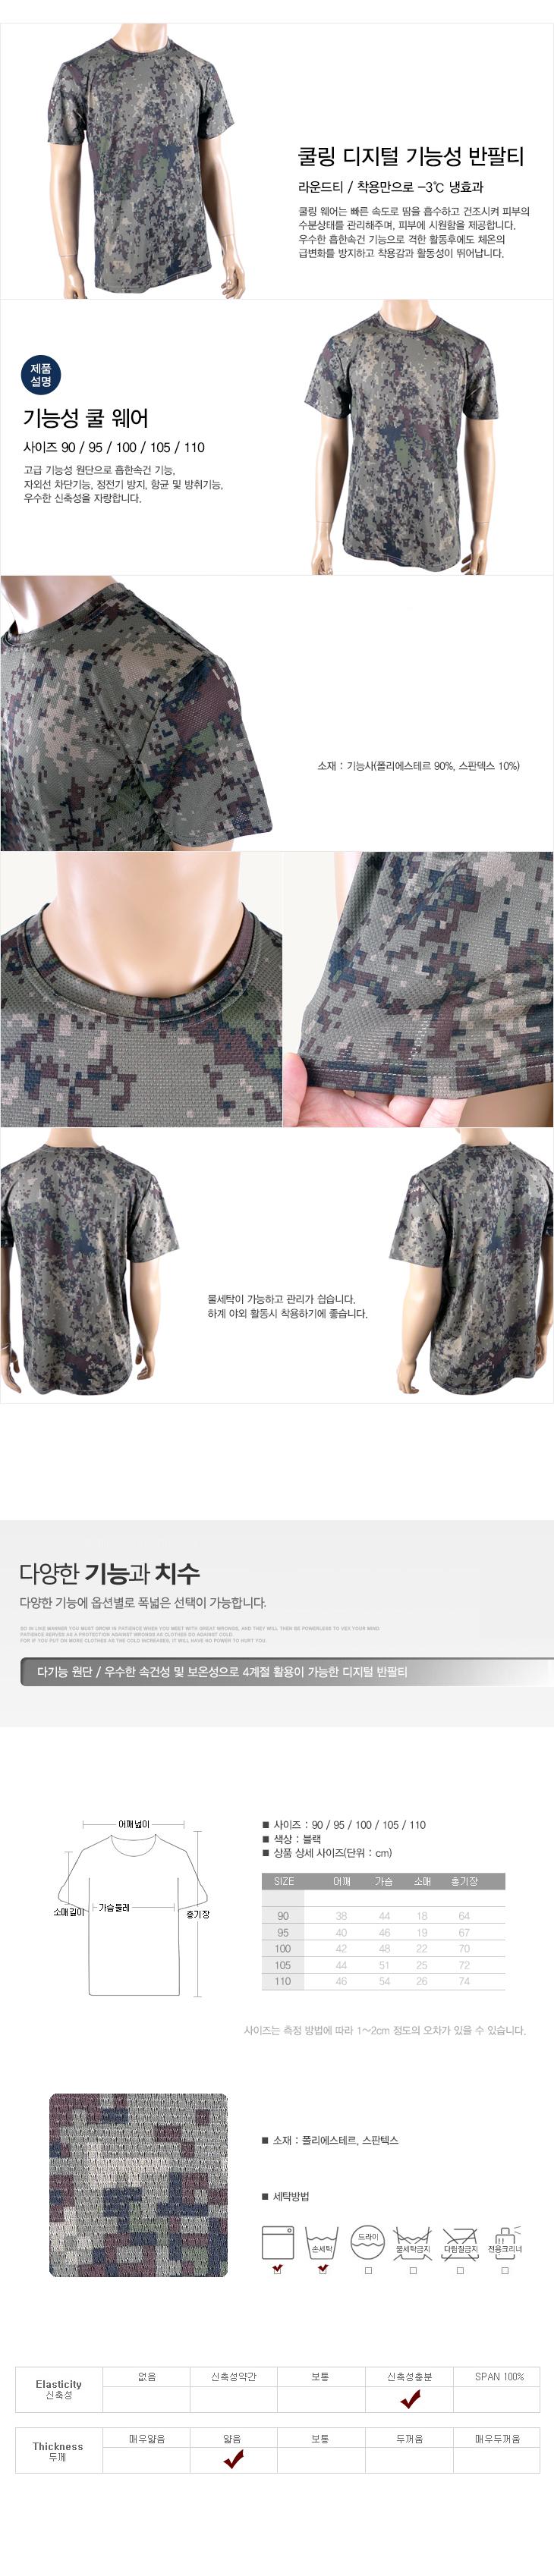 라운드 디지털 티셔츠 - 쿠닌, 12,900원, 상의, 반팔티셔츠